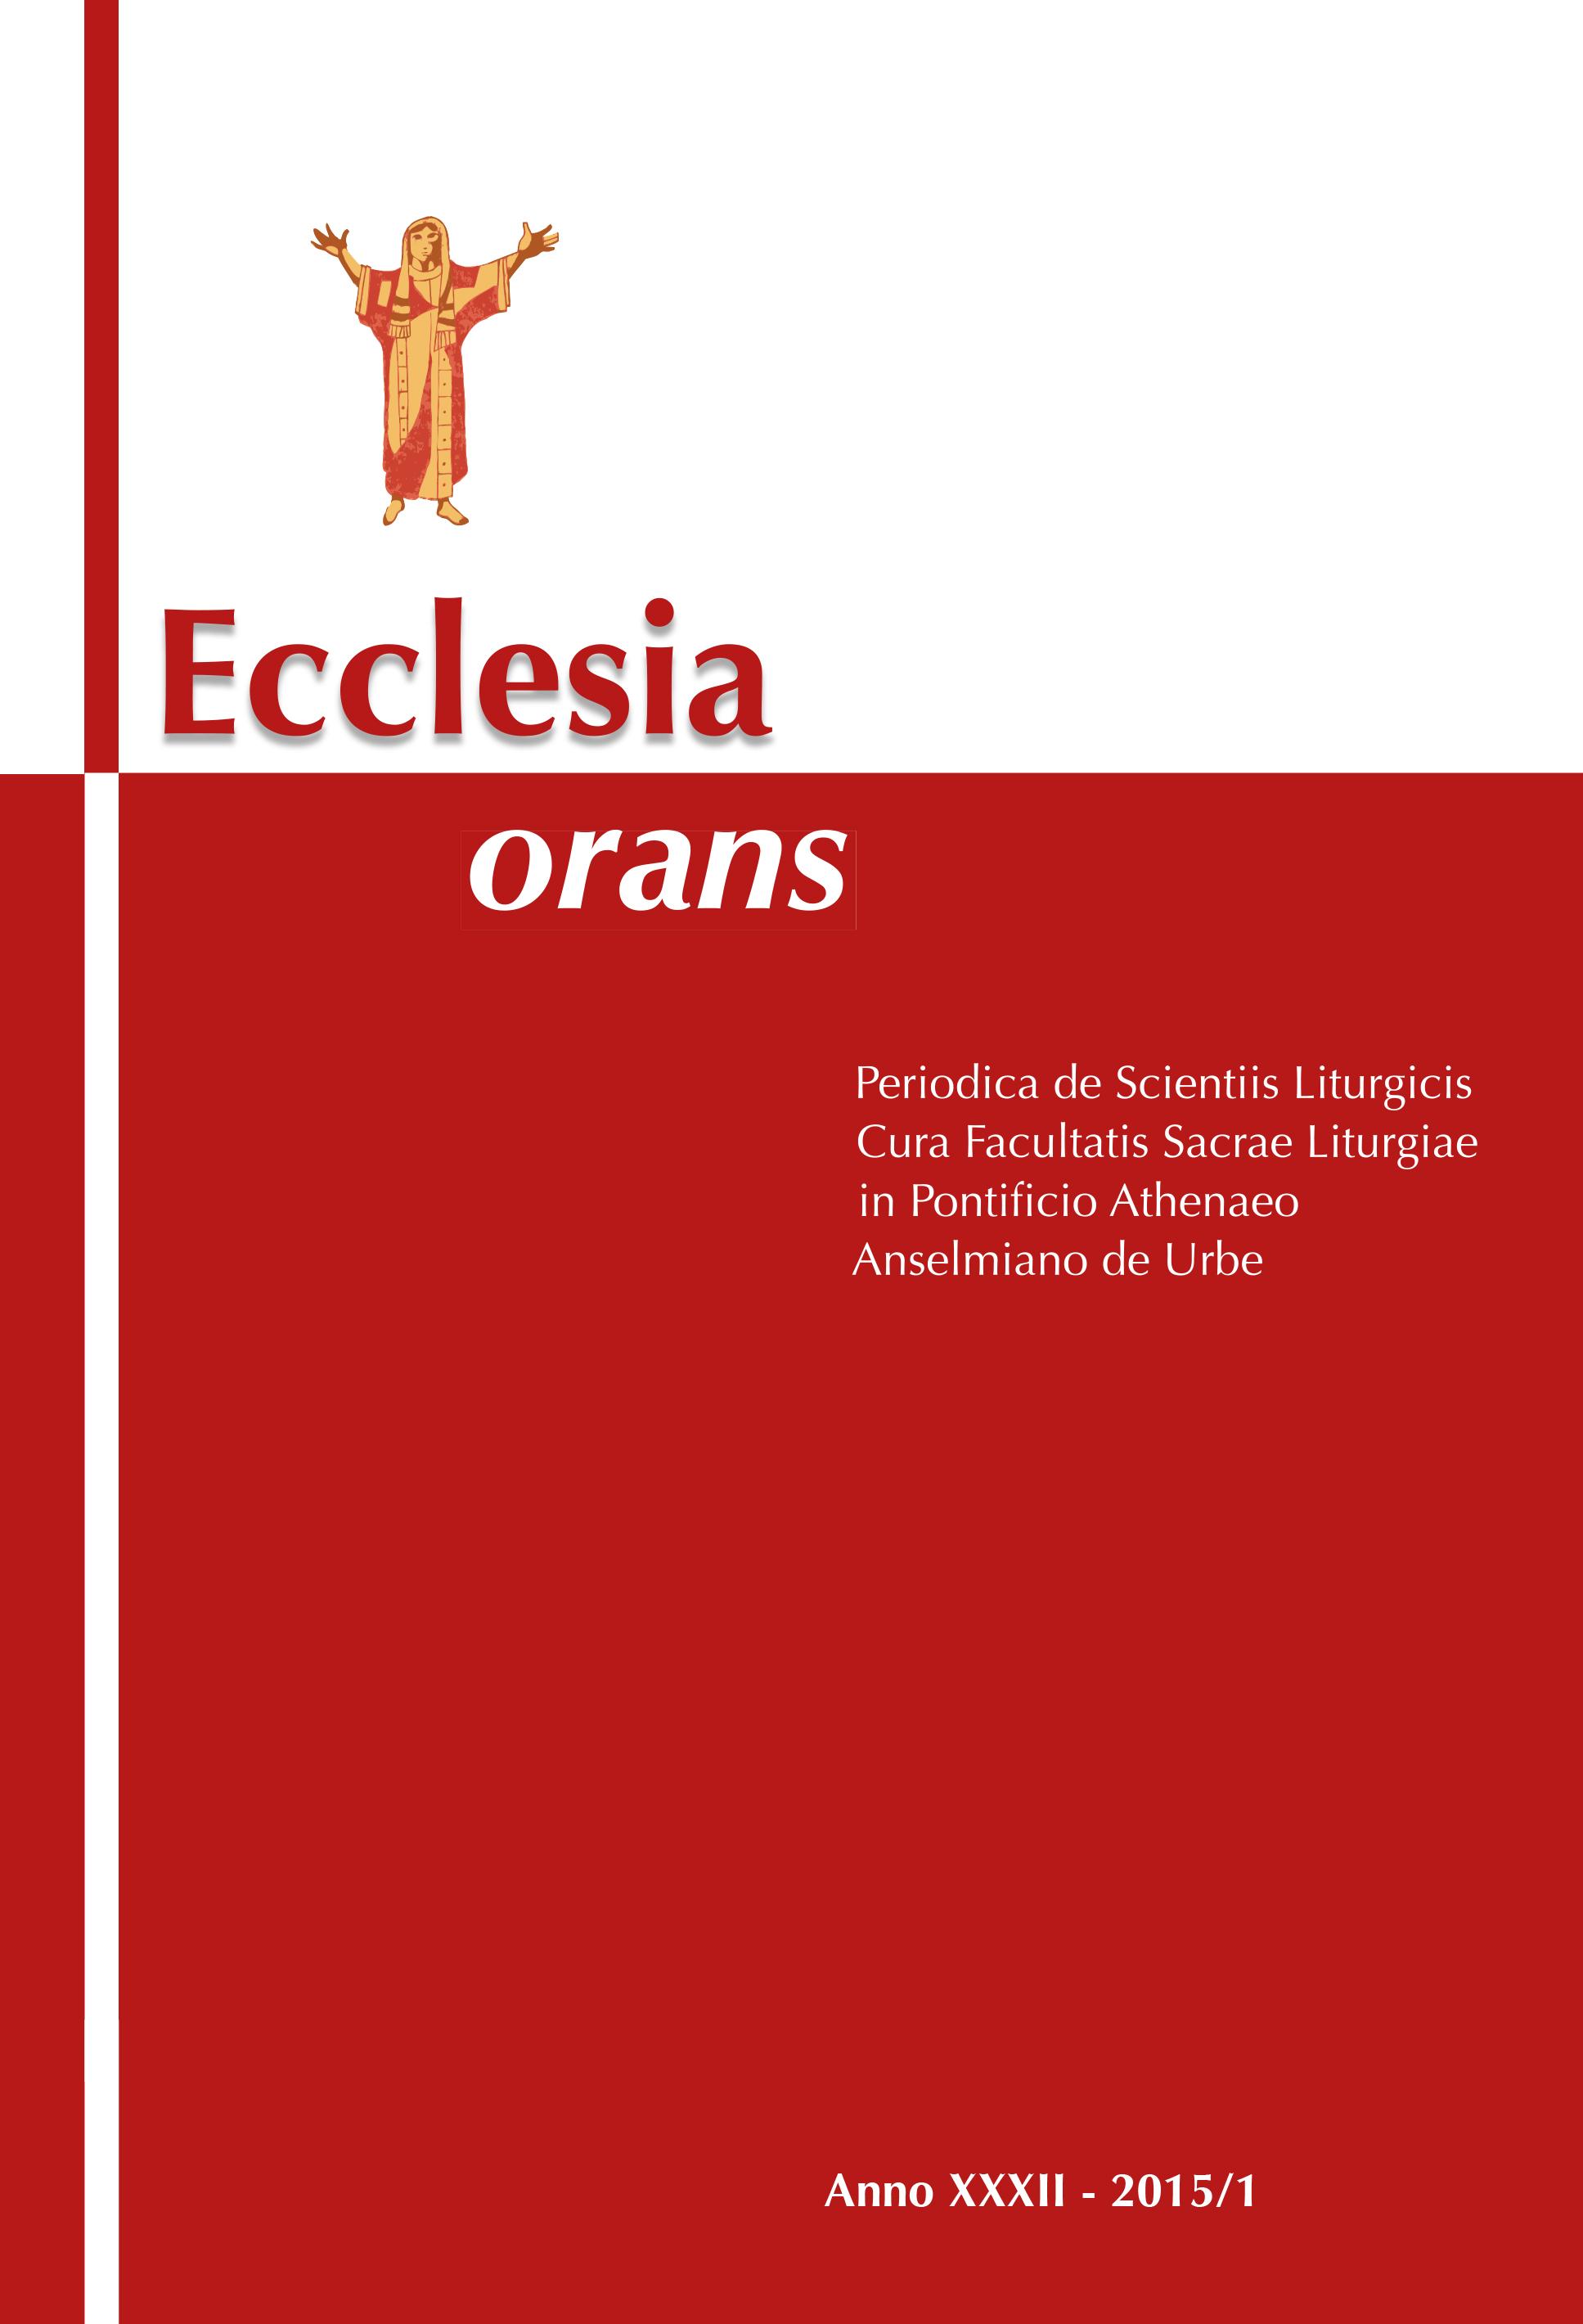 Ecclesia Orans 32 (2015/1)